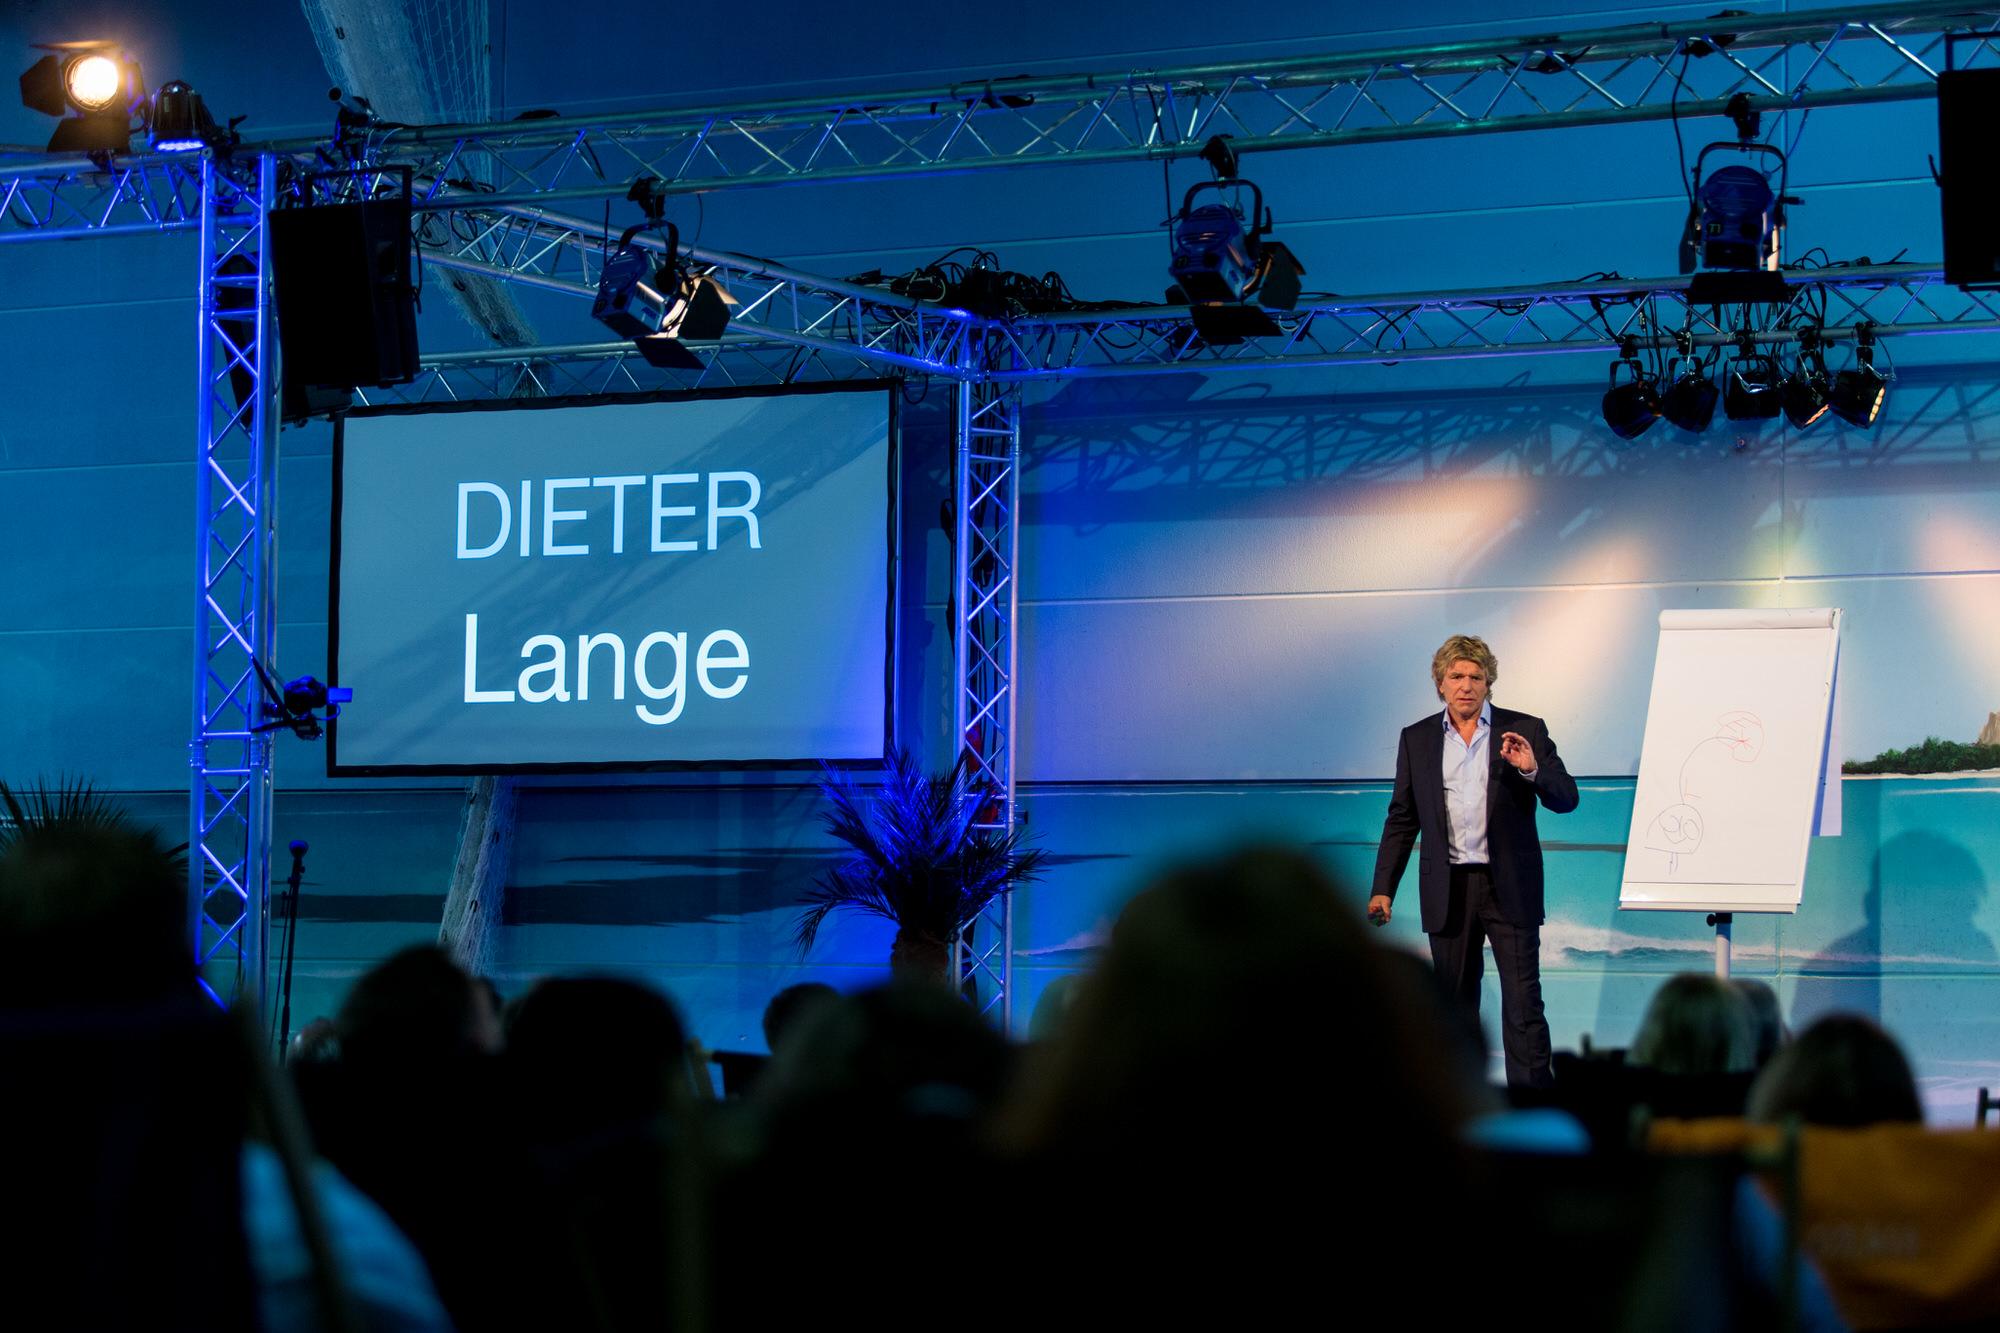 Vortrag Dieter Lange auf Bühne vor Publikum